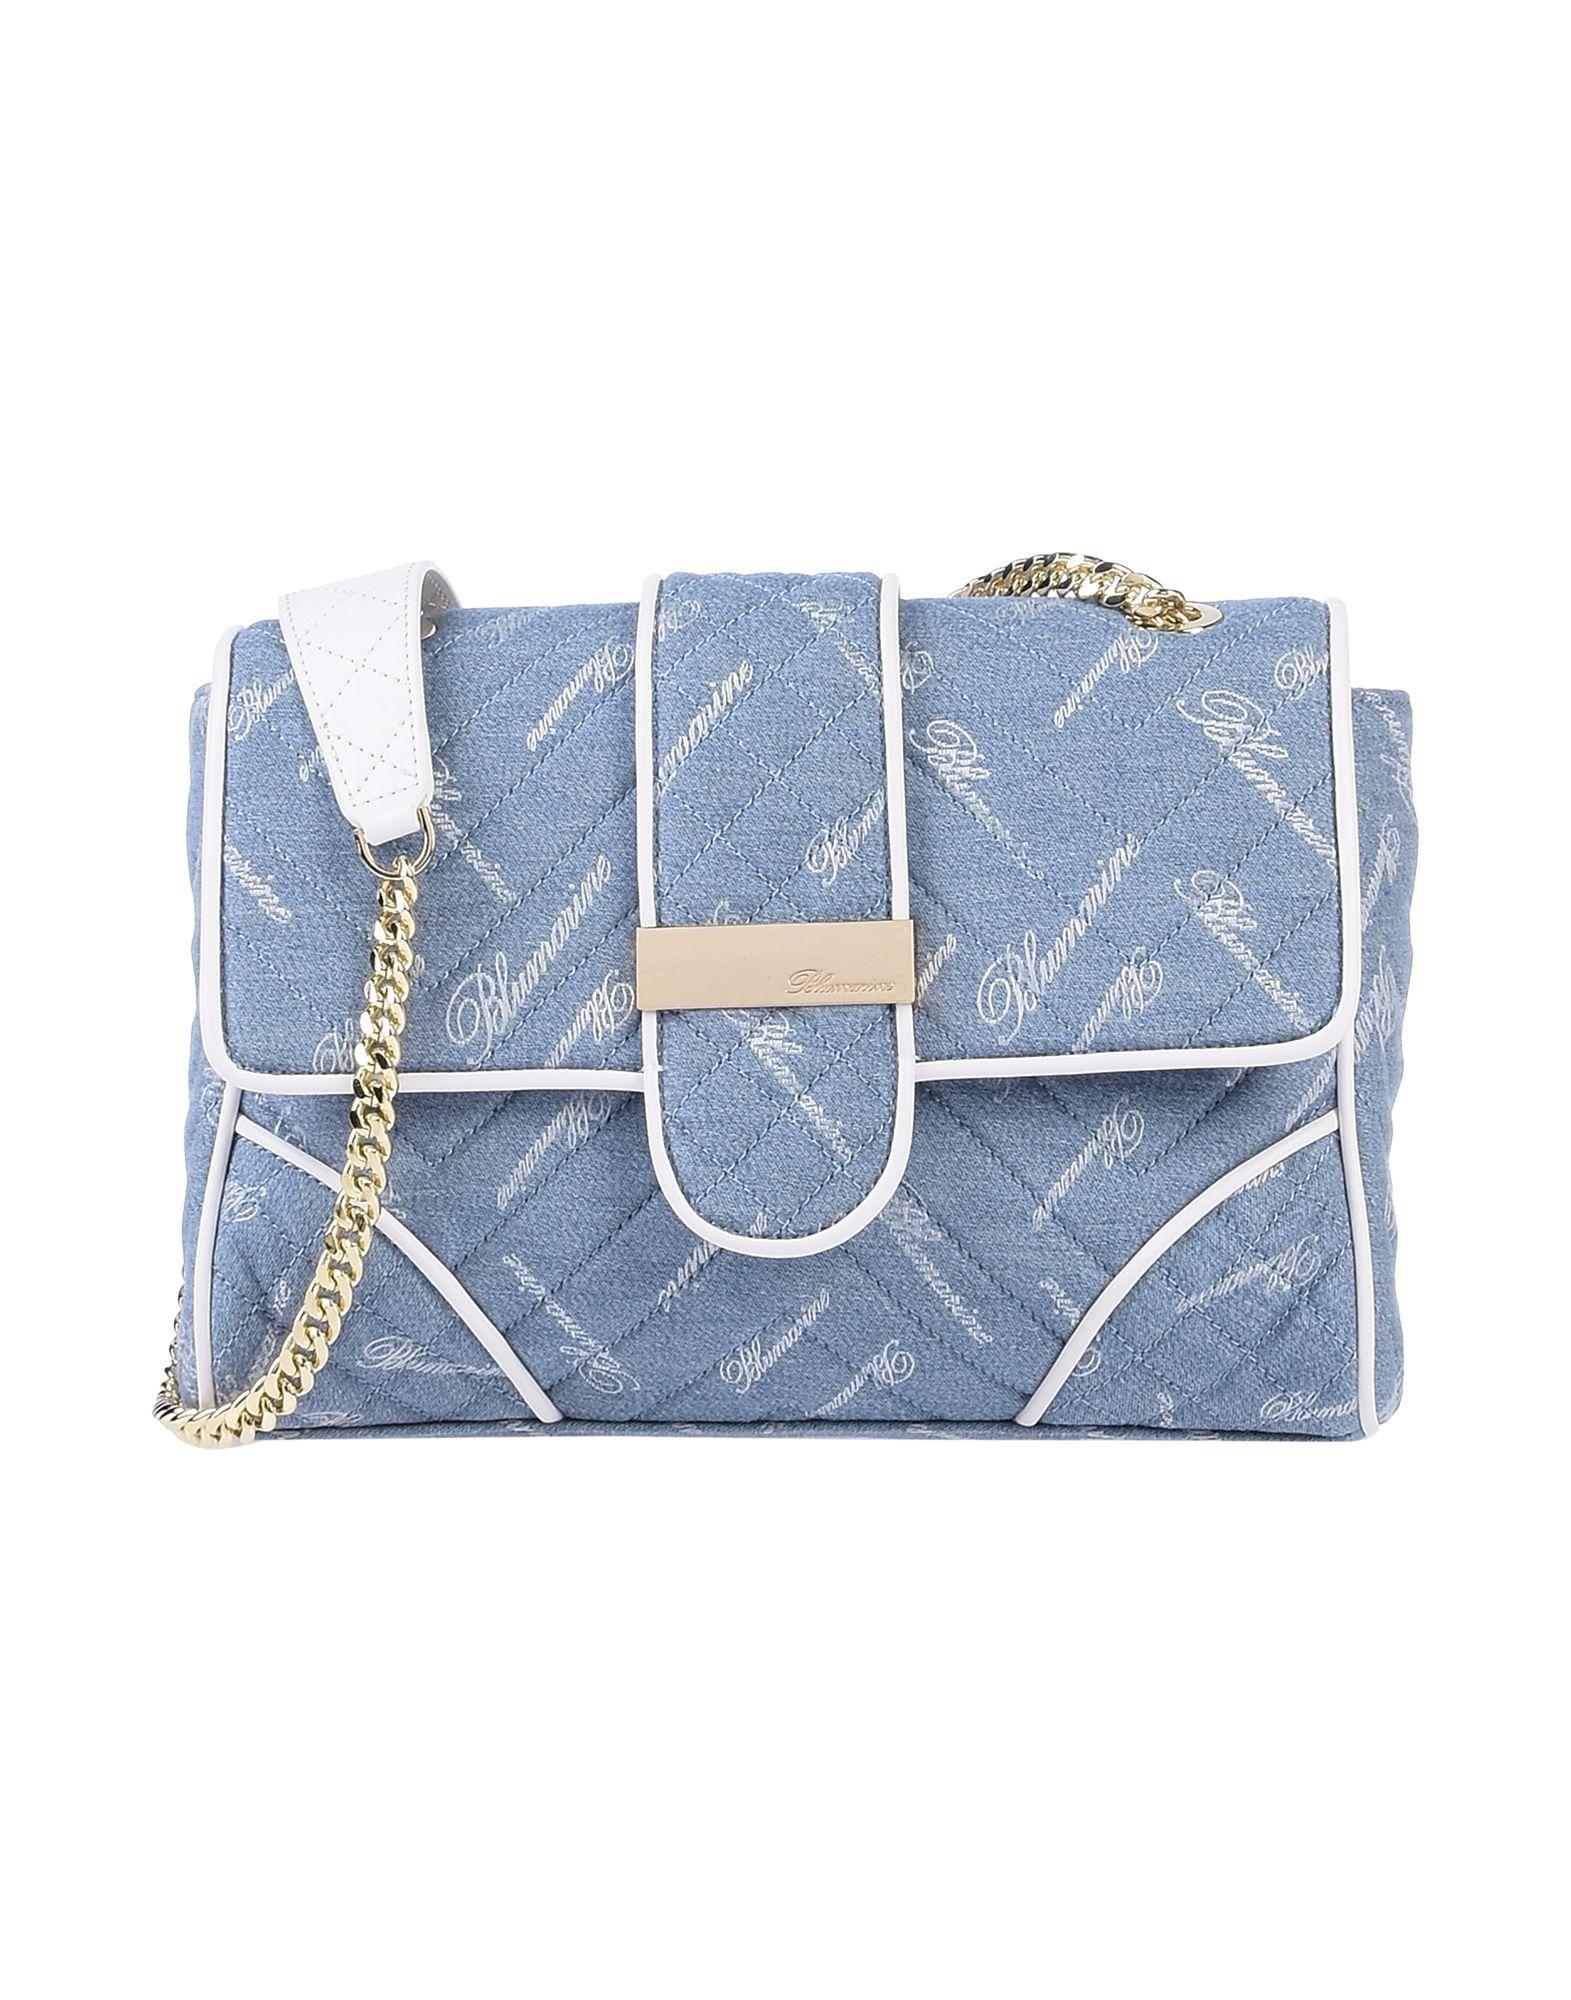 Фото - BLUMARINE Сумка через плечо blugirl blumarine сумка через плечо